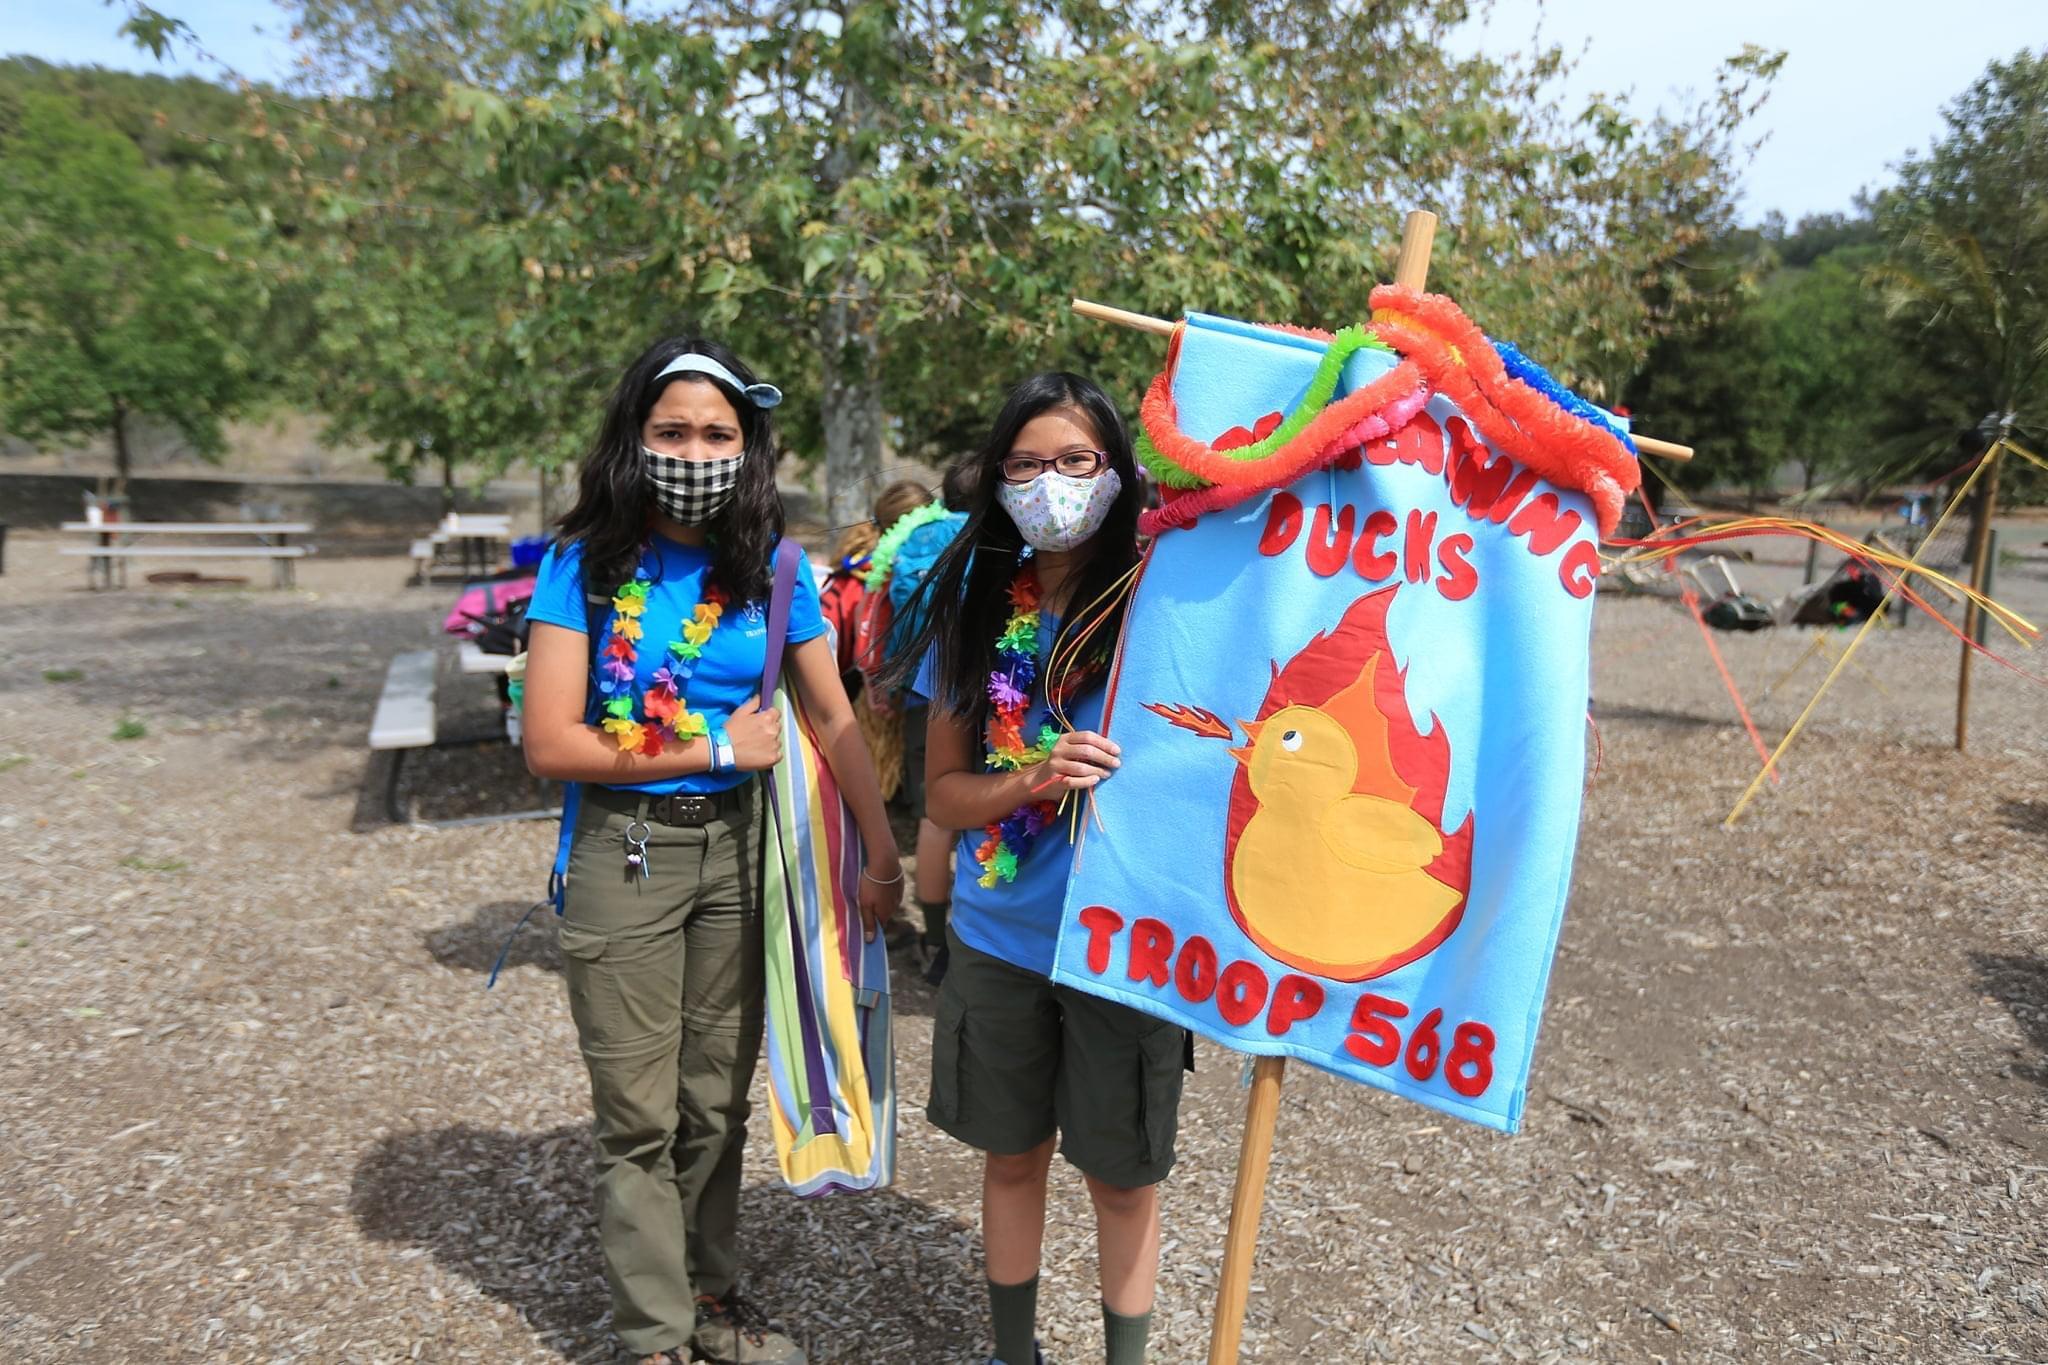 Fire Breathing Duck's, Troop 568g